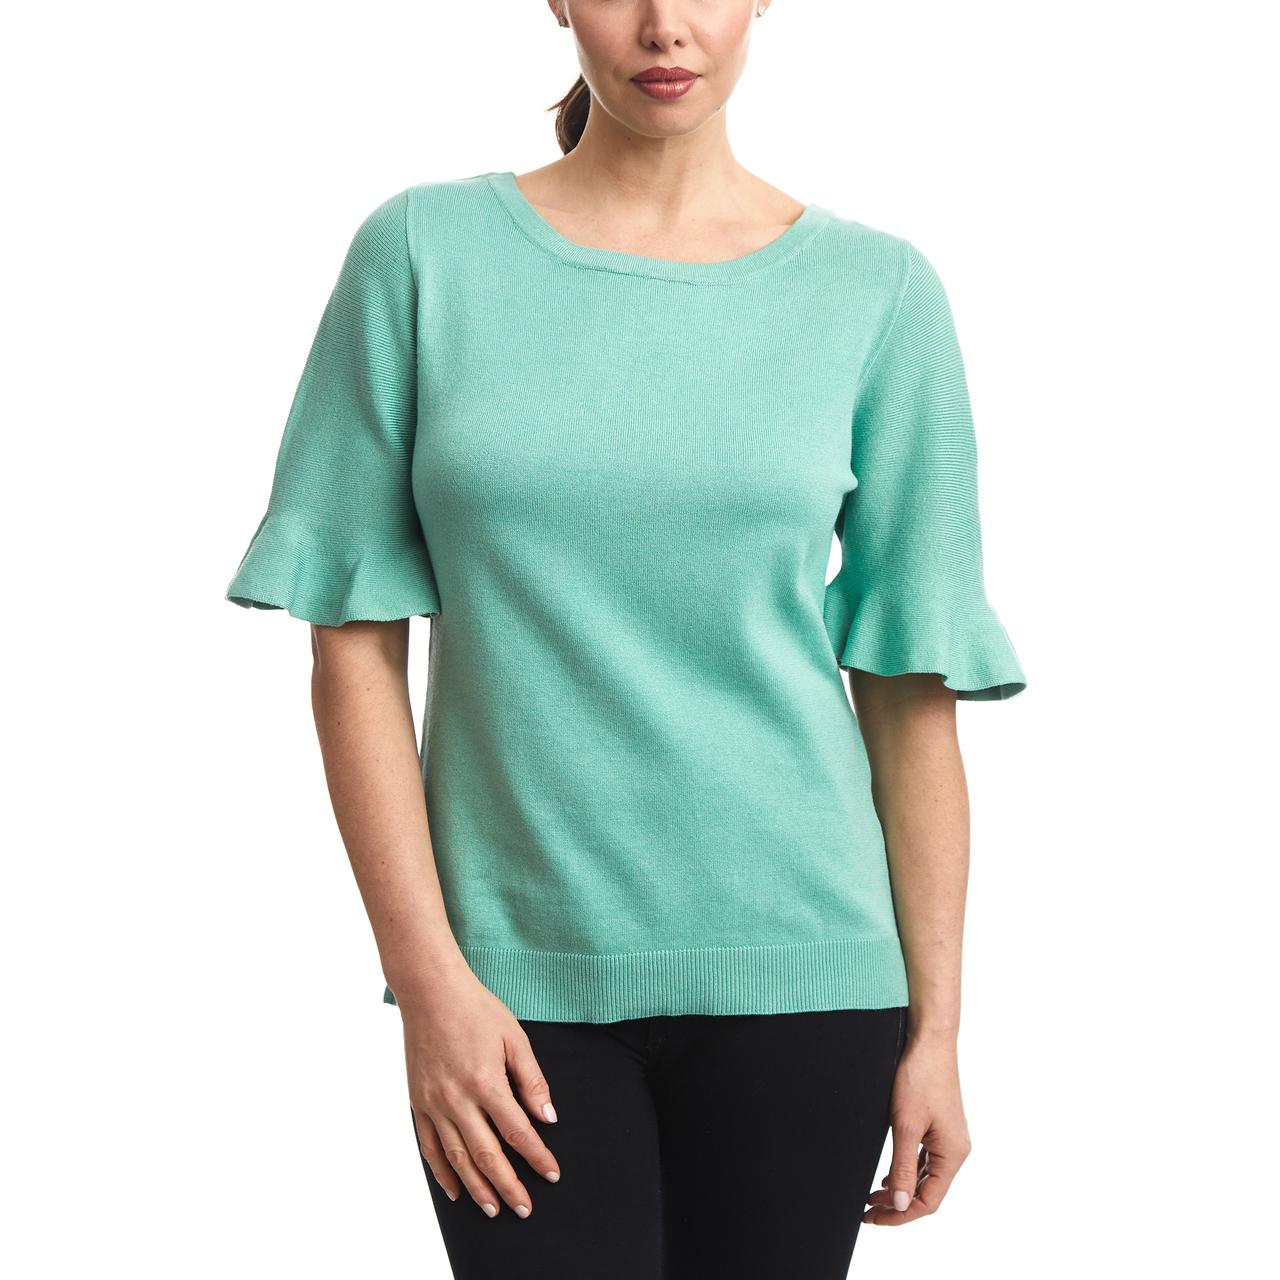 Flutter Sleeve Sweater in Jade